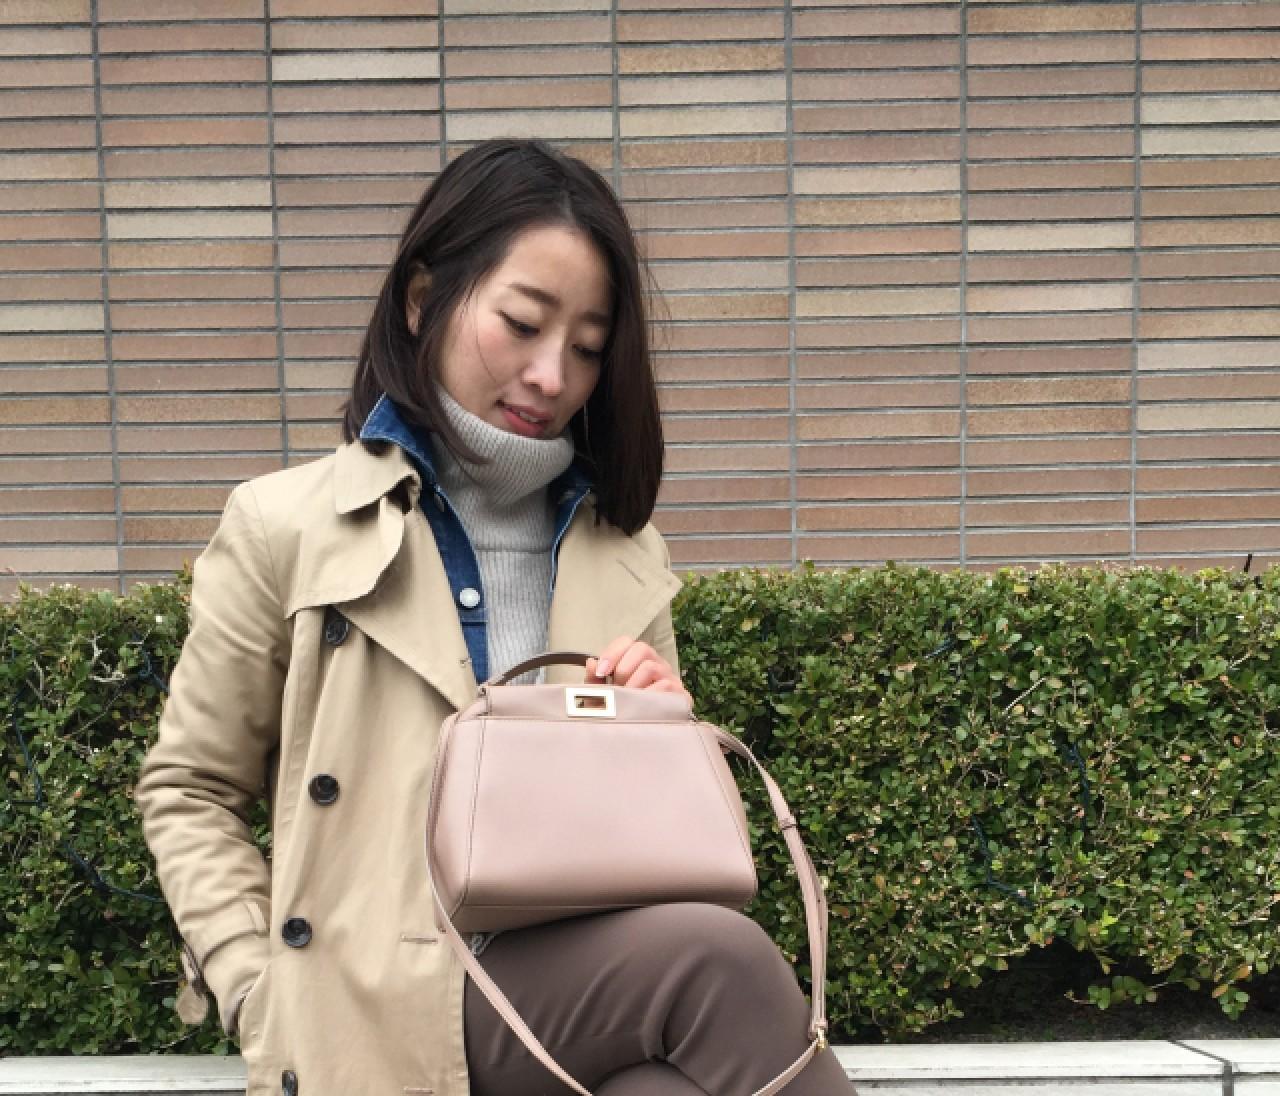 【#ときめきトレンチ #OOTD】鈴木園子さん(2016年3月22日)